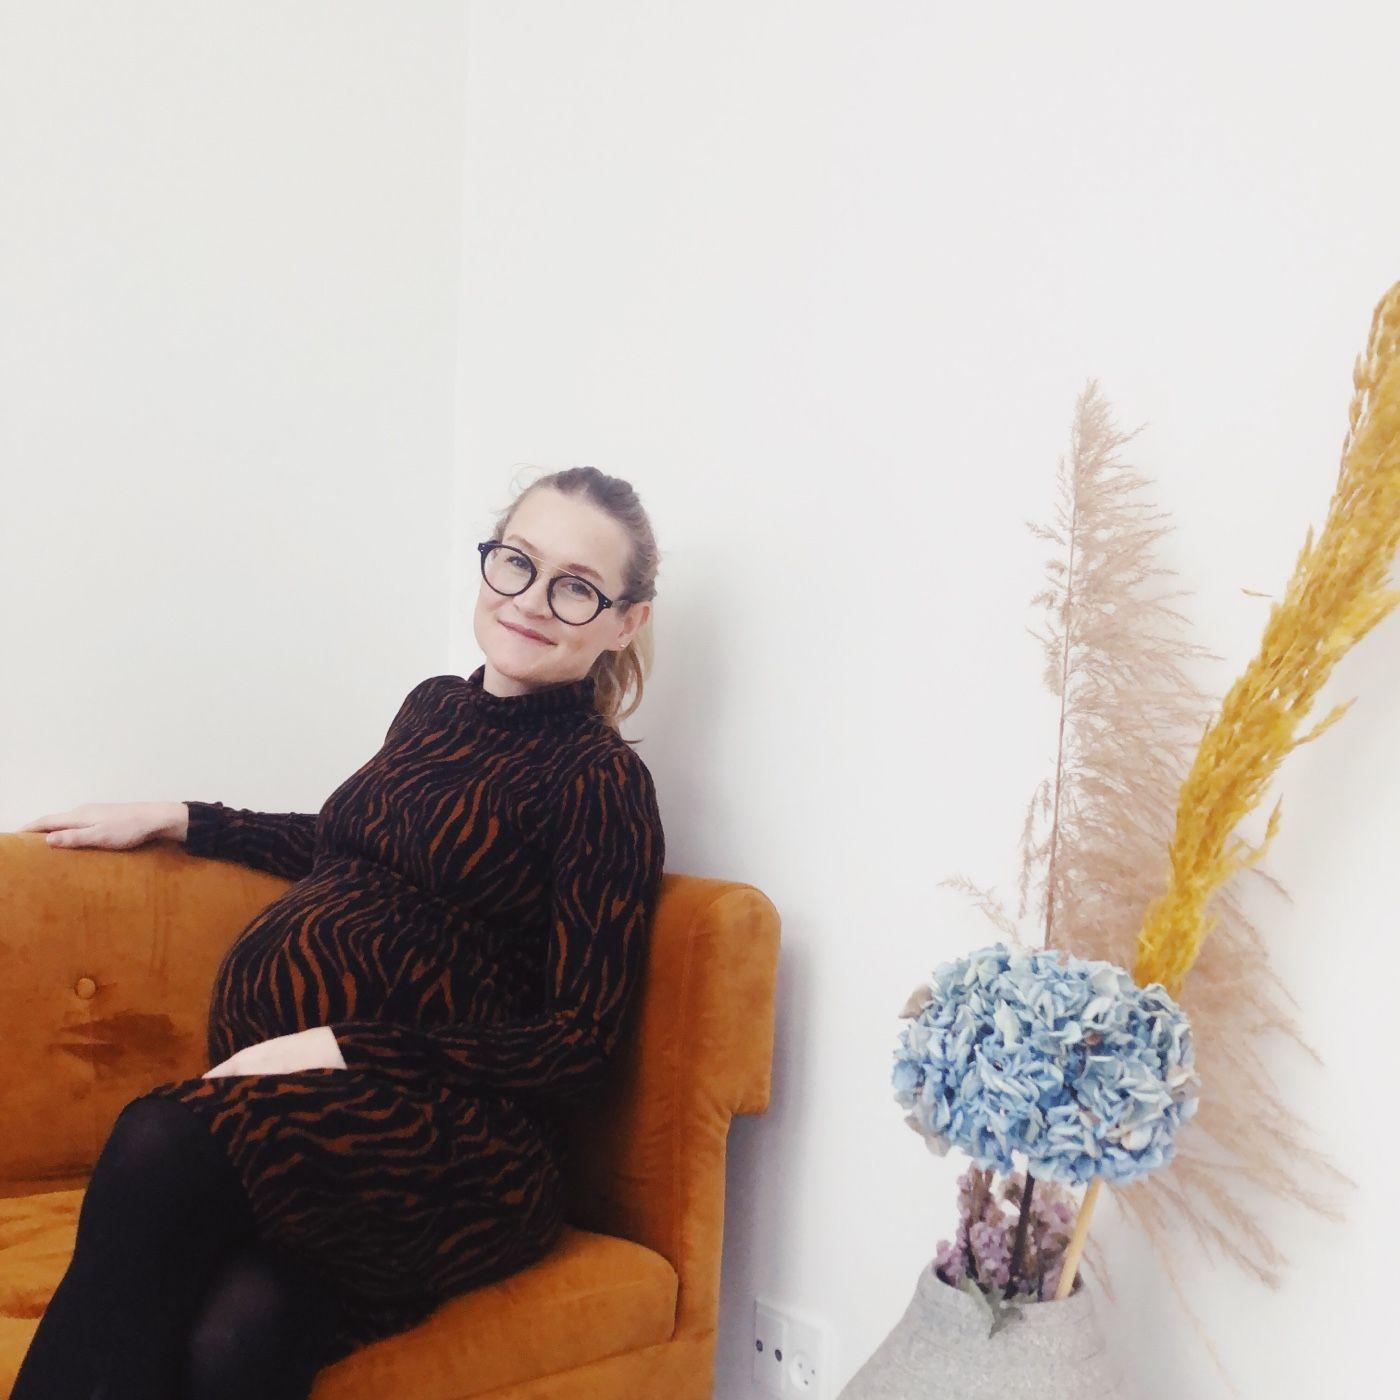 Gæsteepisode 4- fødsels- og barselssnak med Sigrid Stilling Netteberg